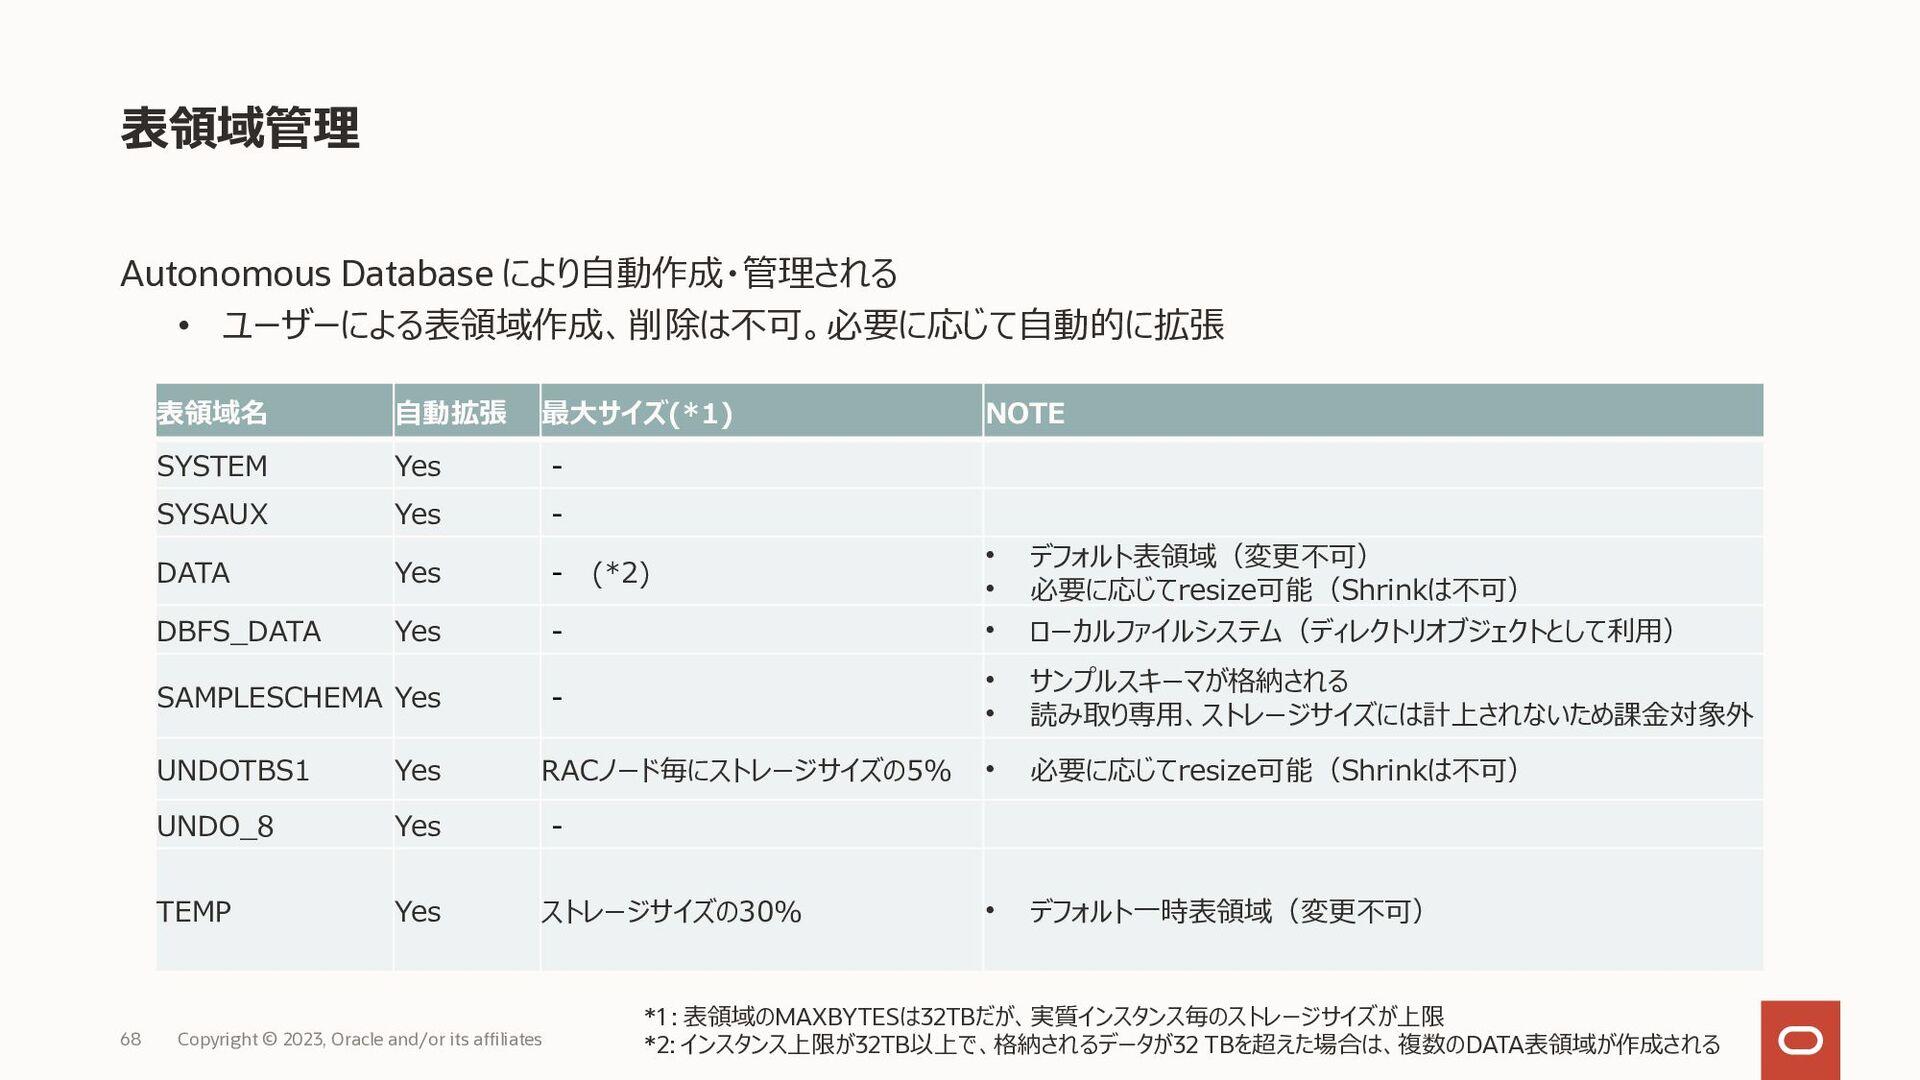 構成変更 Copyright © 2020, Oracle and/or its affili...